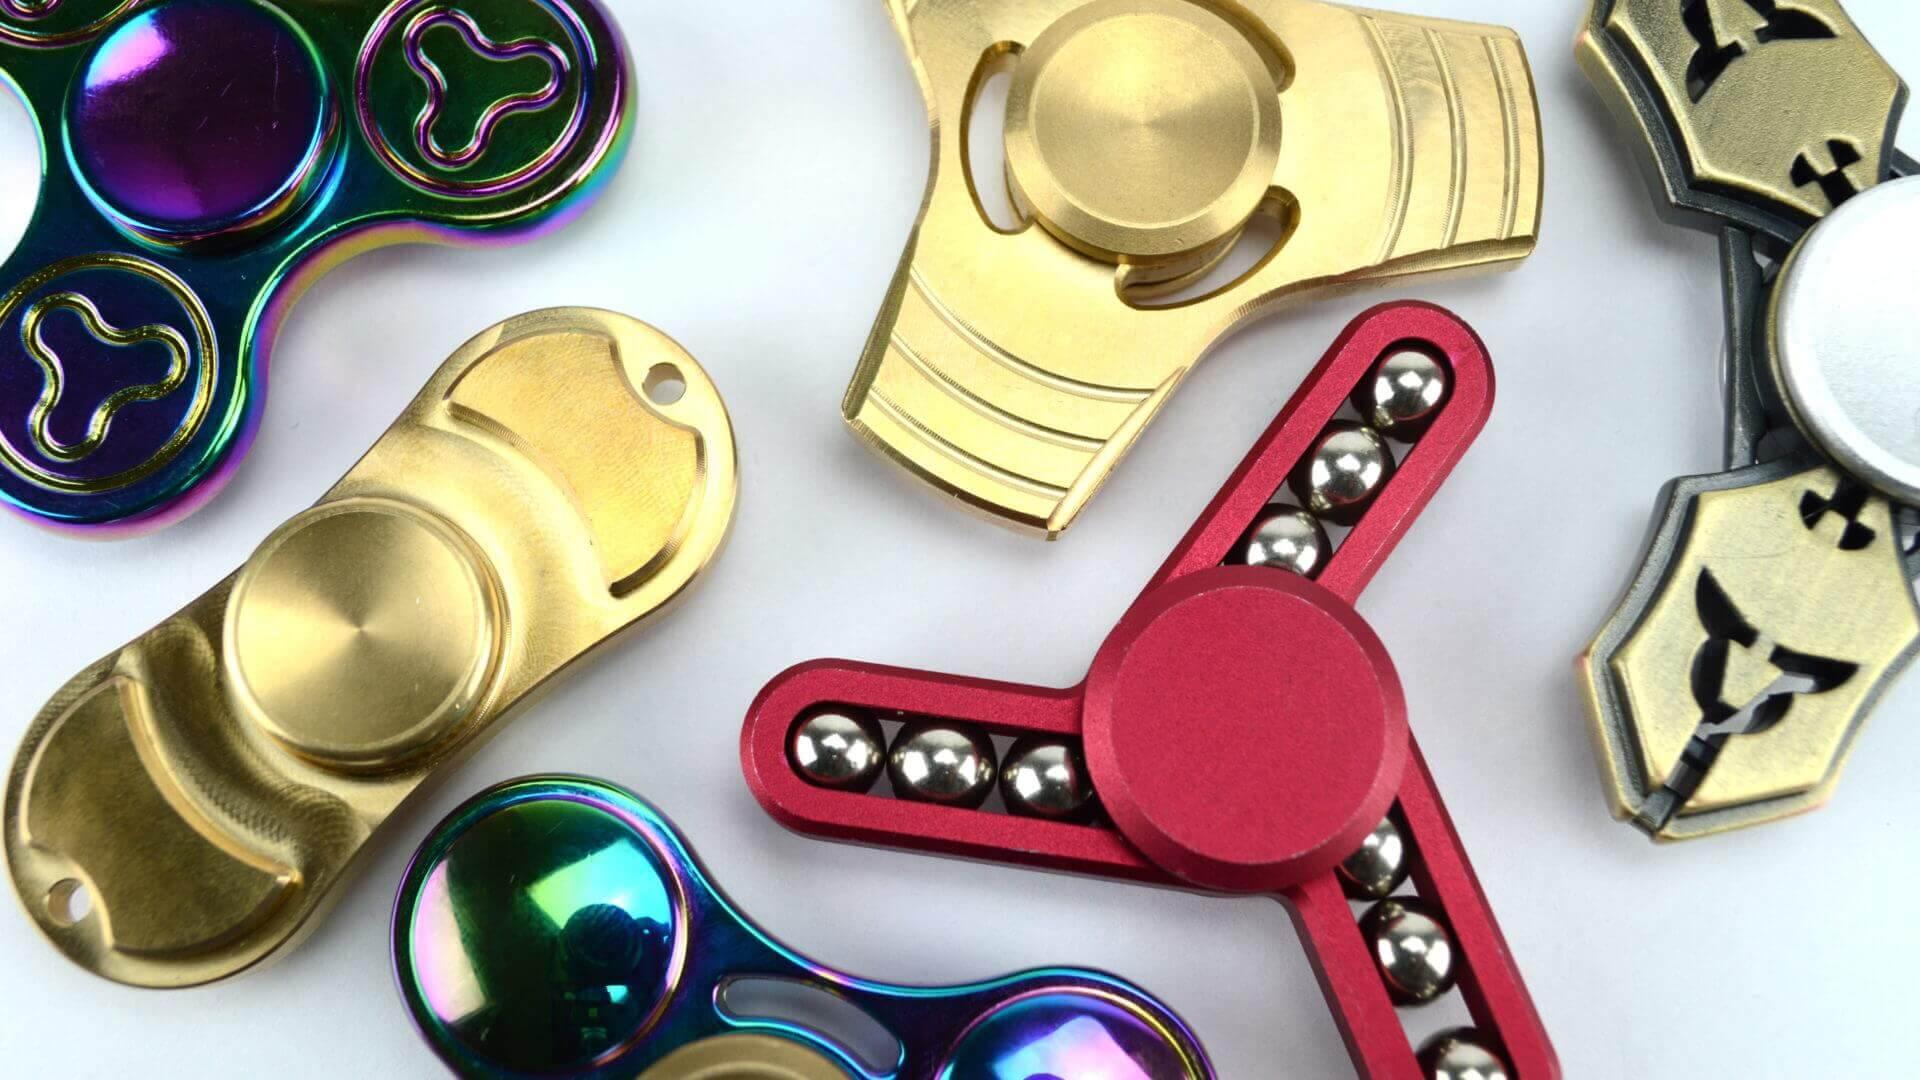 12 Best Metal Fidget Spinners to Buy or DIY | All3DP